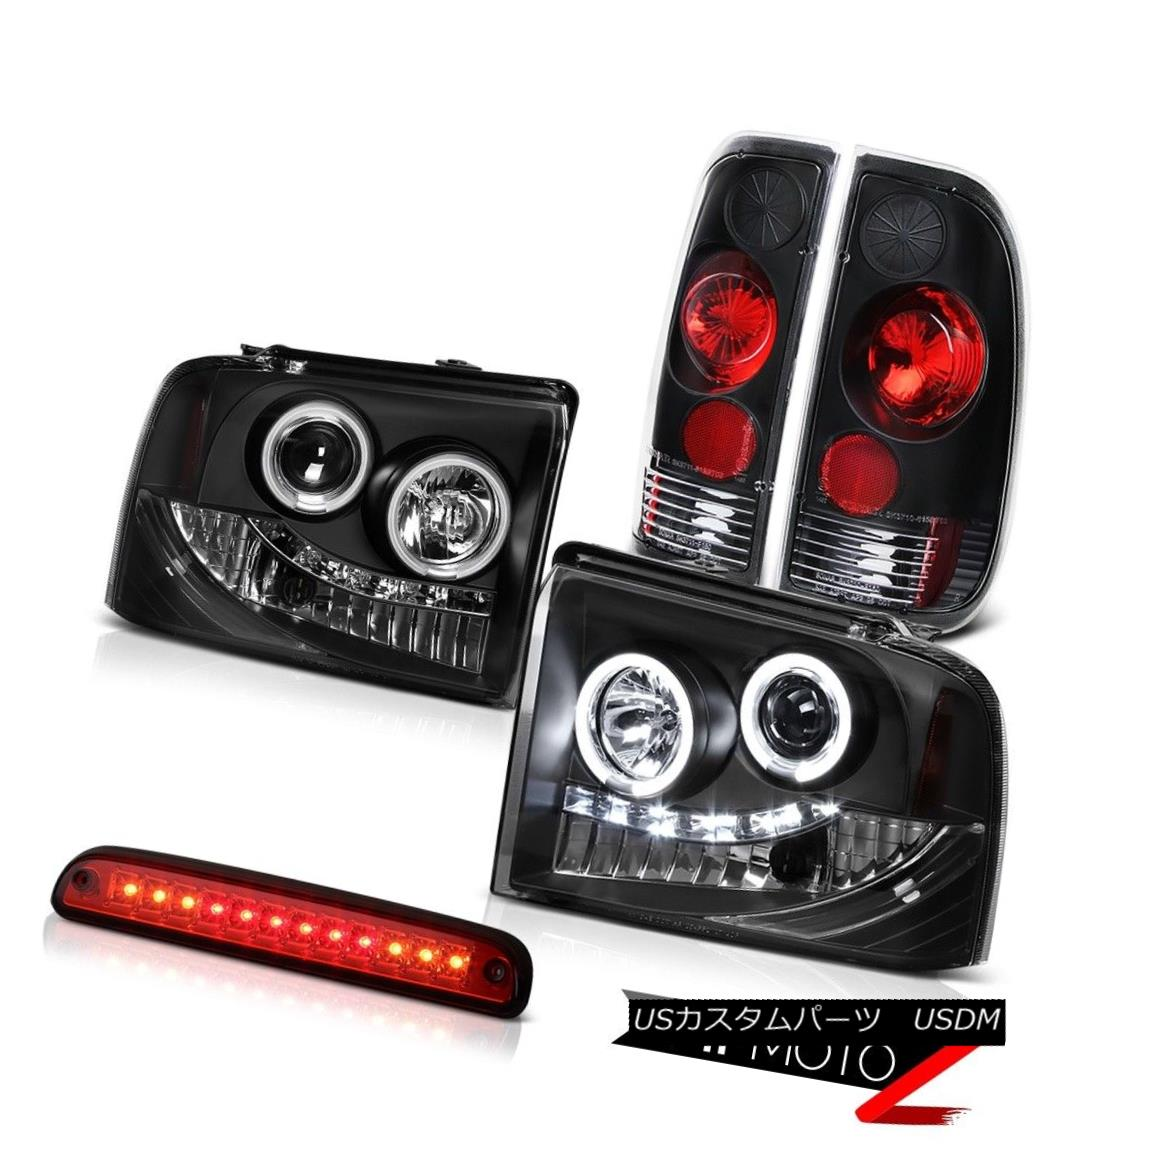 テールライト Brightest CCFL Halo Headlights Rear Brake Lamp High Cargo LED 05 06 07 Ford F250 最も明るいCCFL HaloヘッドライトリアブレーキランプHigh Cargo LED 05 06 07 Ford F250